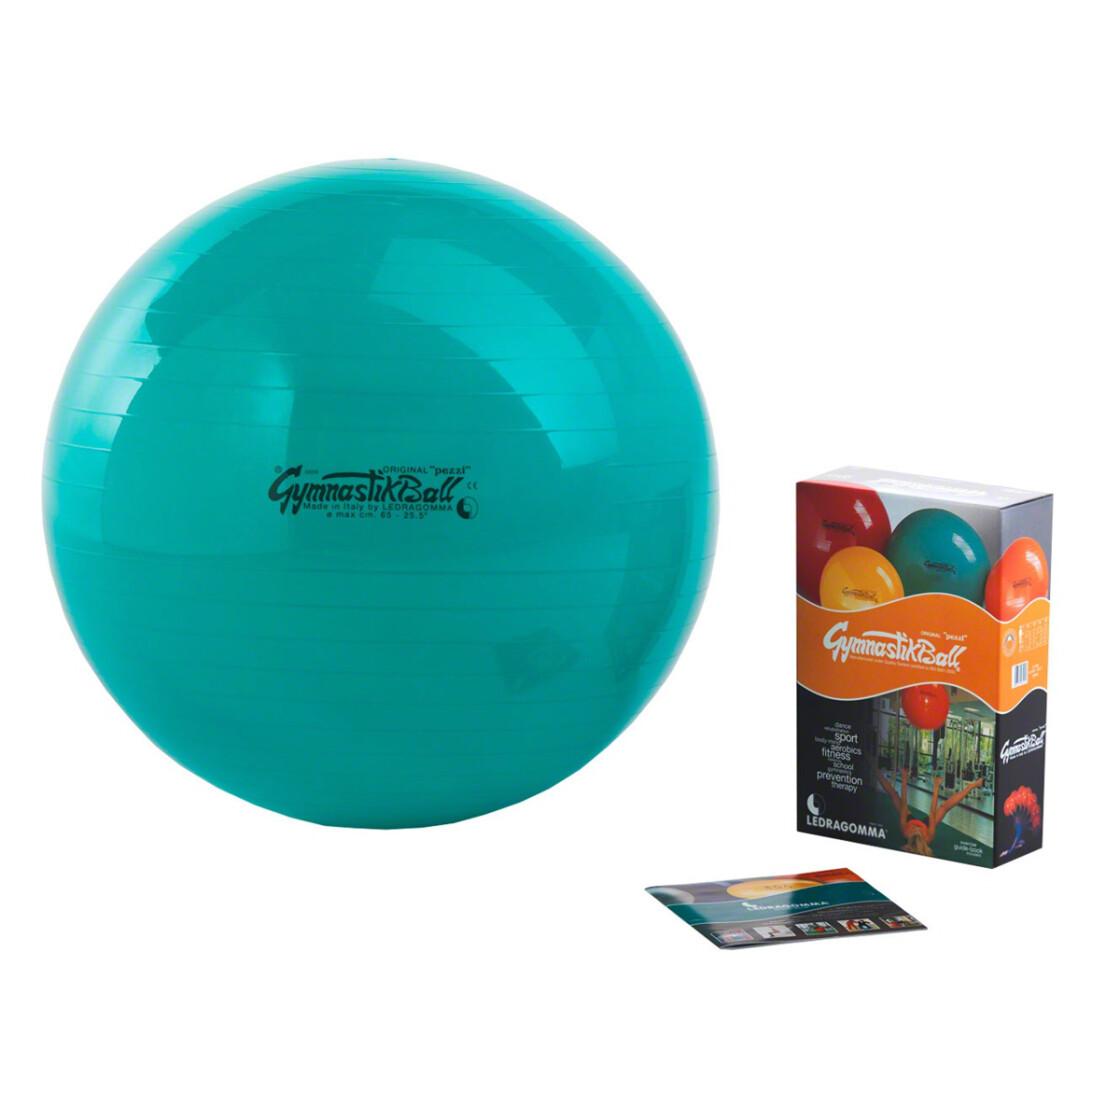 Pezzi Gymnastikball, Sitzball, 65 cm, grün